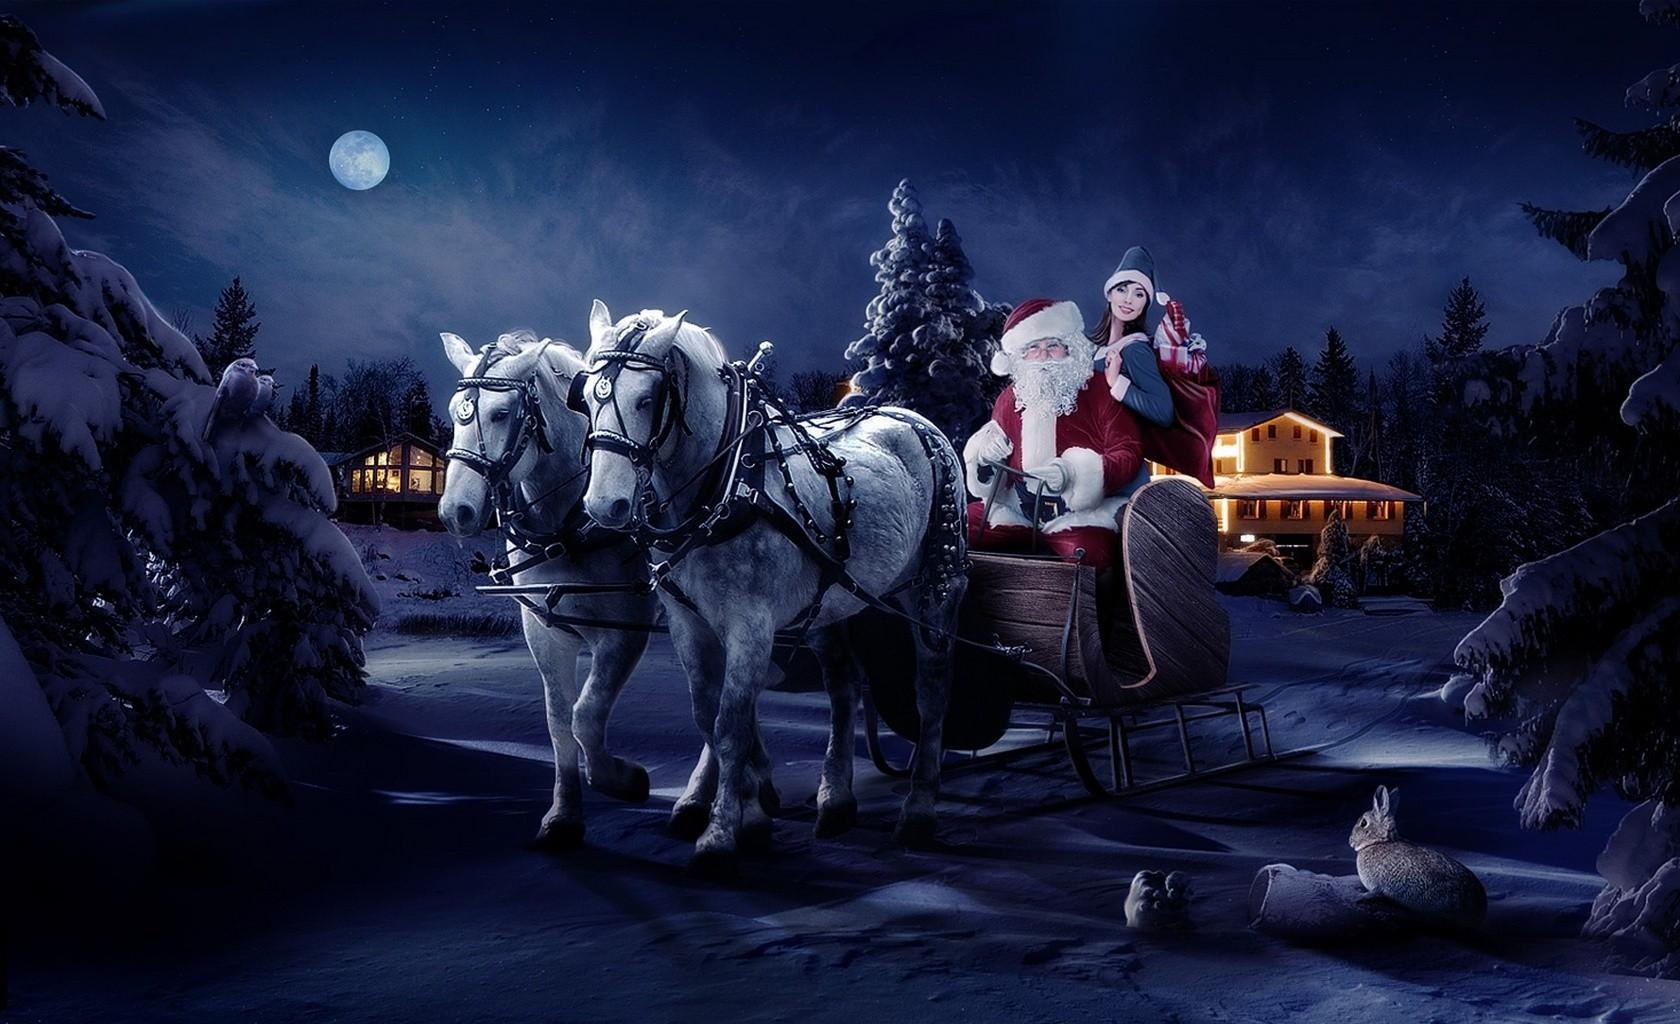 78844 скачать обои Праздники, Санта Клаус, Сани, Девушка, Лошади, Ночь, Рождество, Мешок, Подарки, Елки - заставки и картинки бесплатно